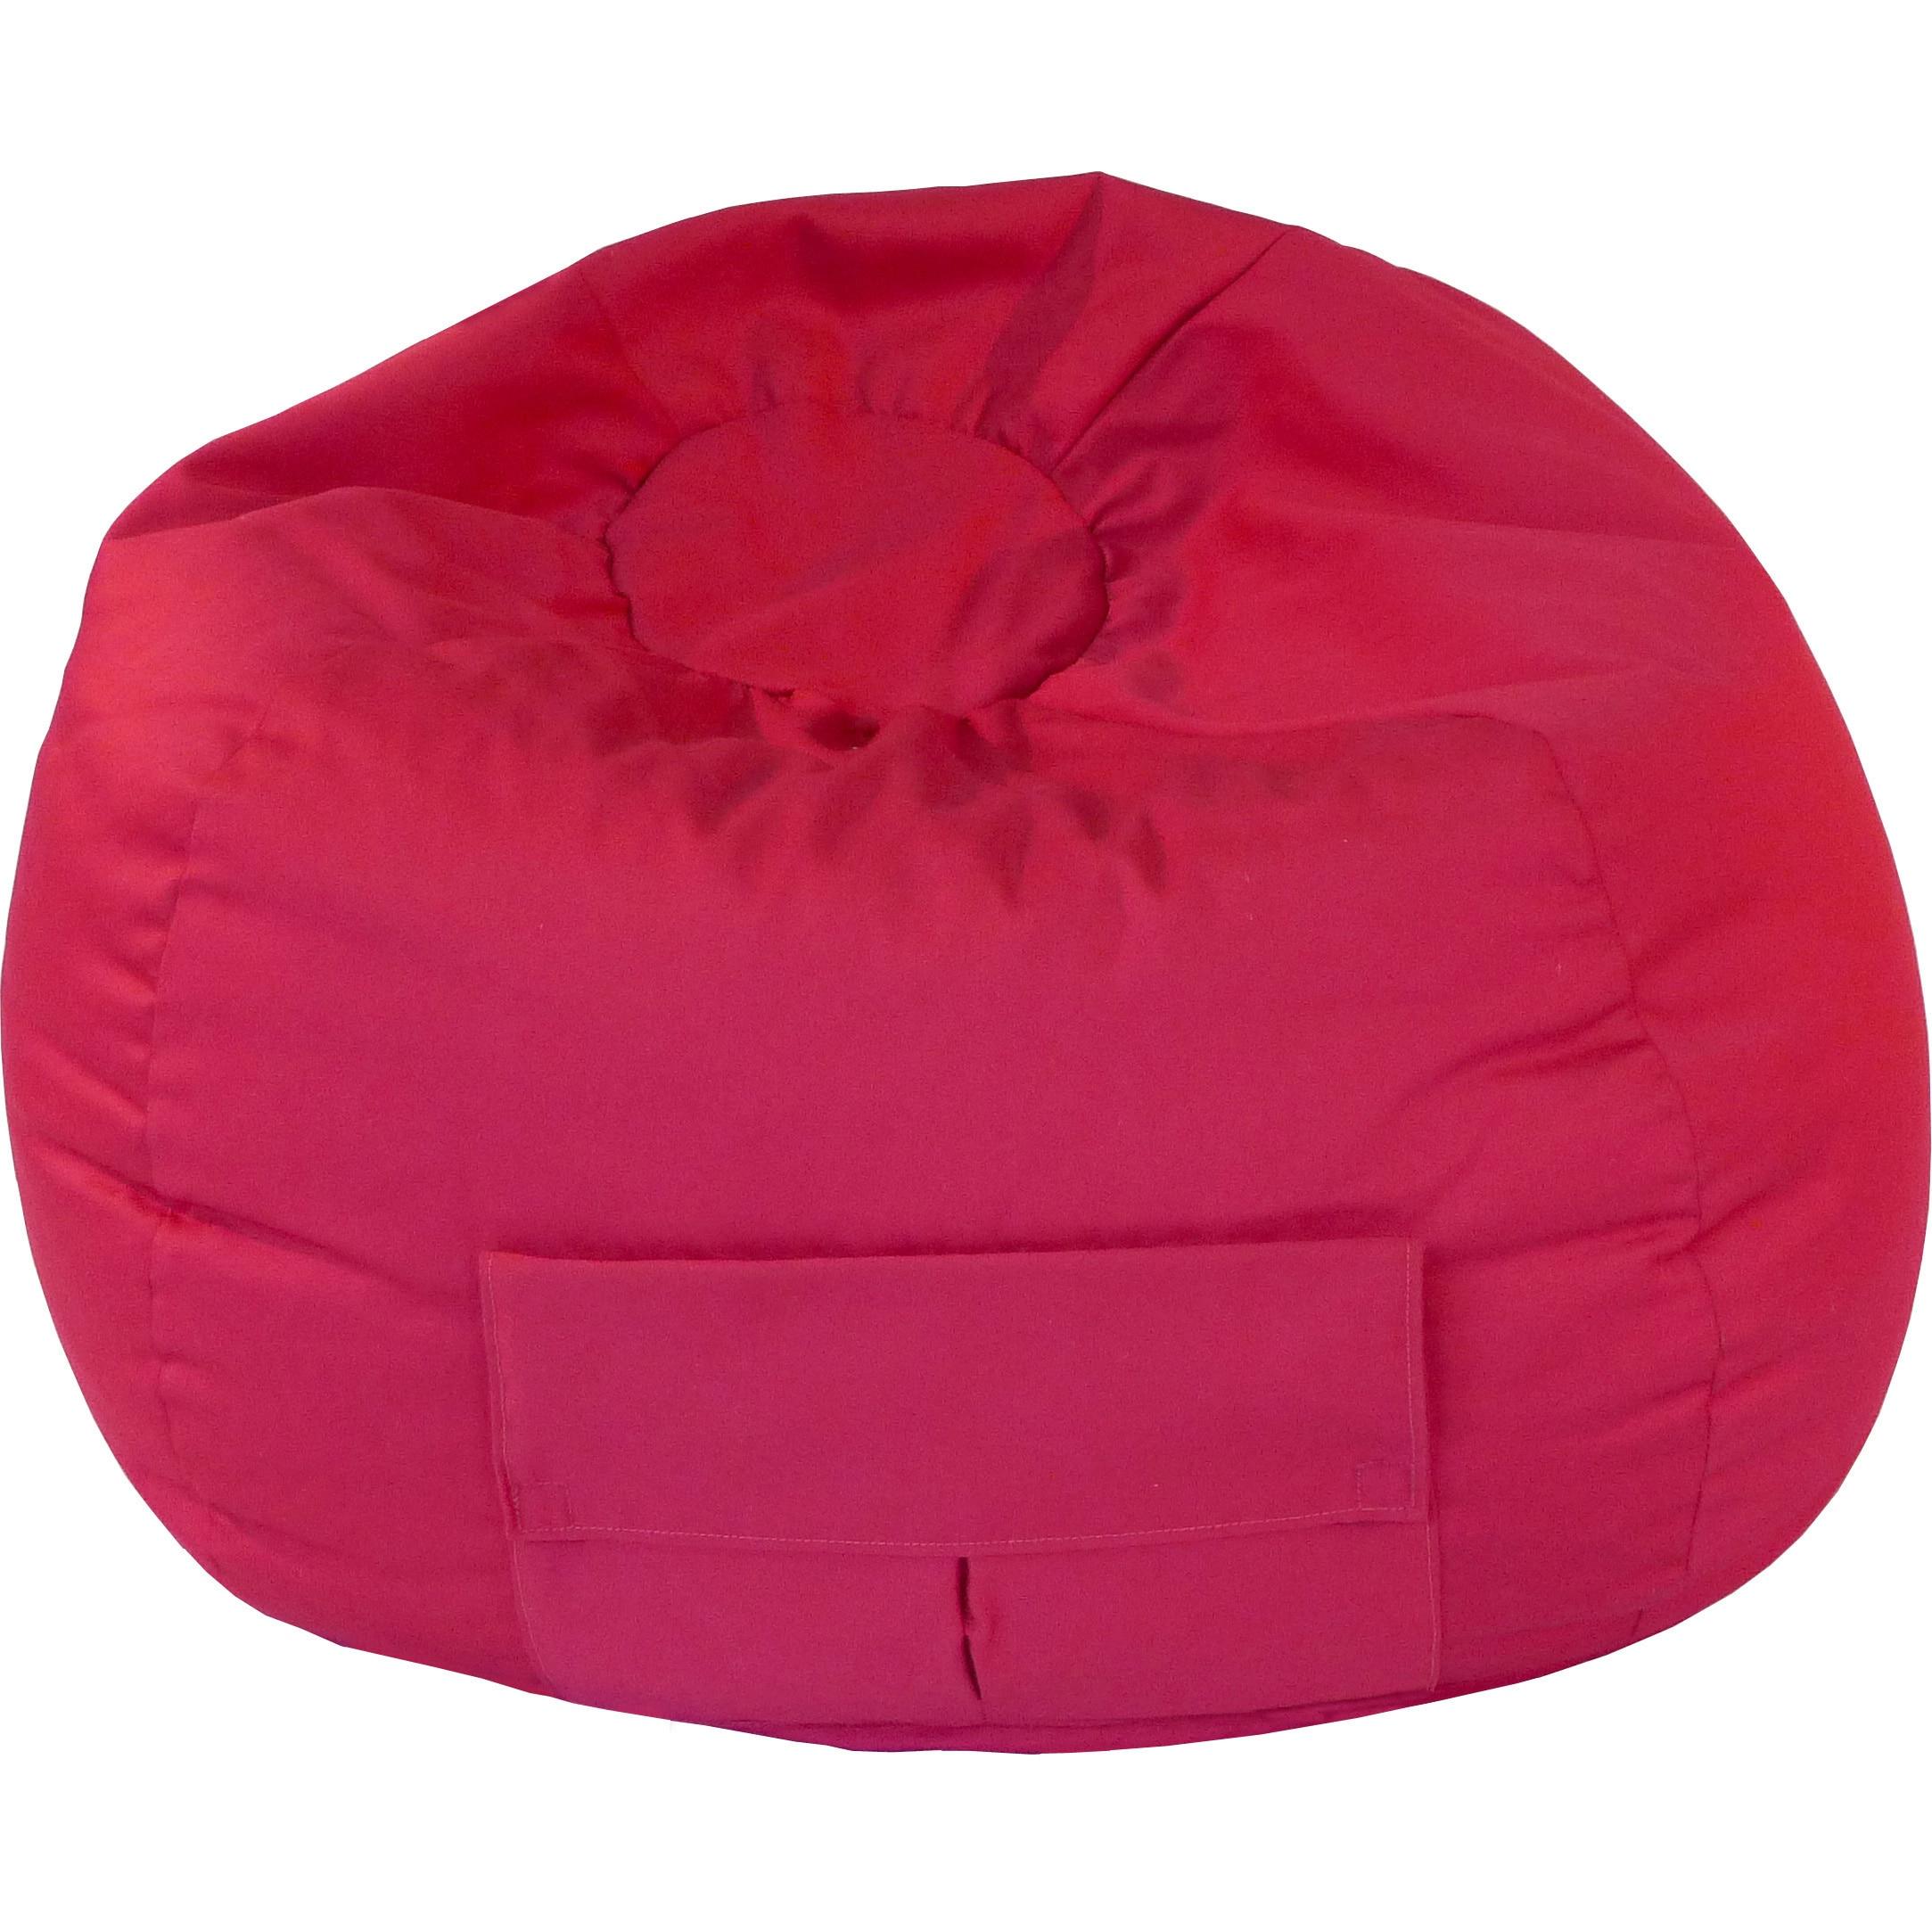 Surprising Gold Medal Hudson Industries Kids Bean Bag Beatyapartments Chair Design Images Beatyapartmentscom